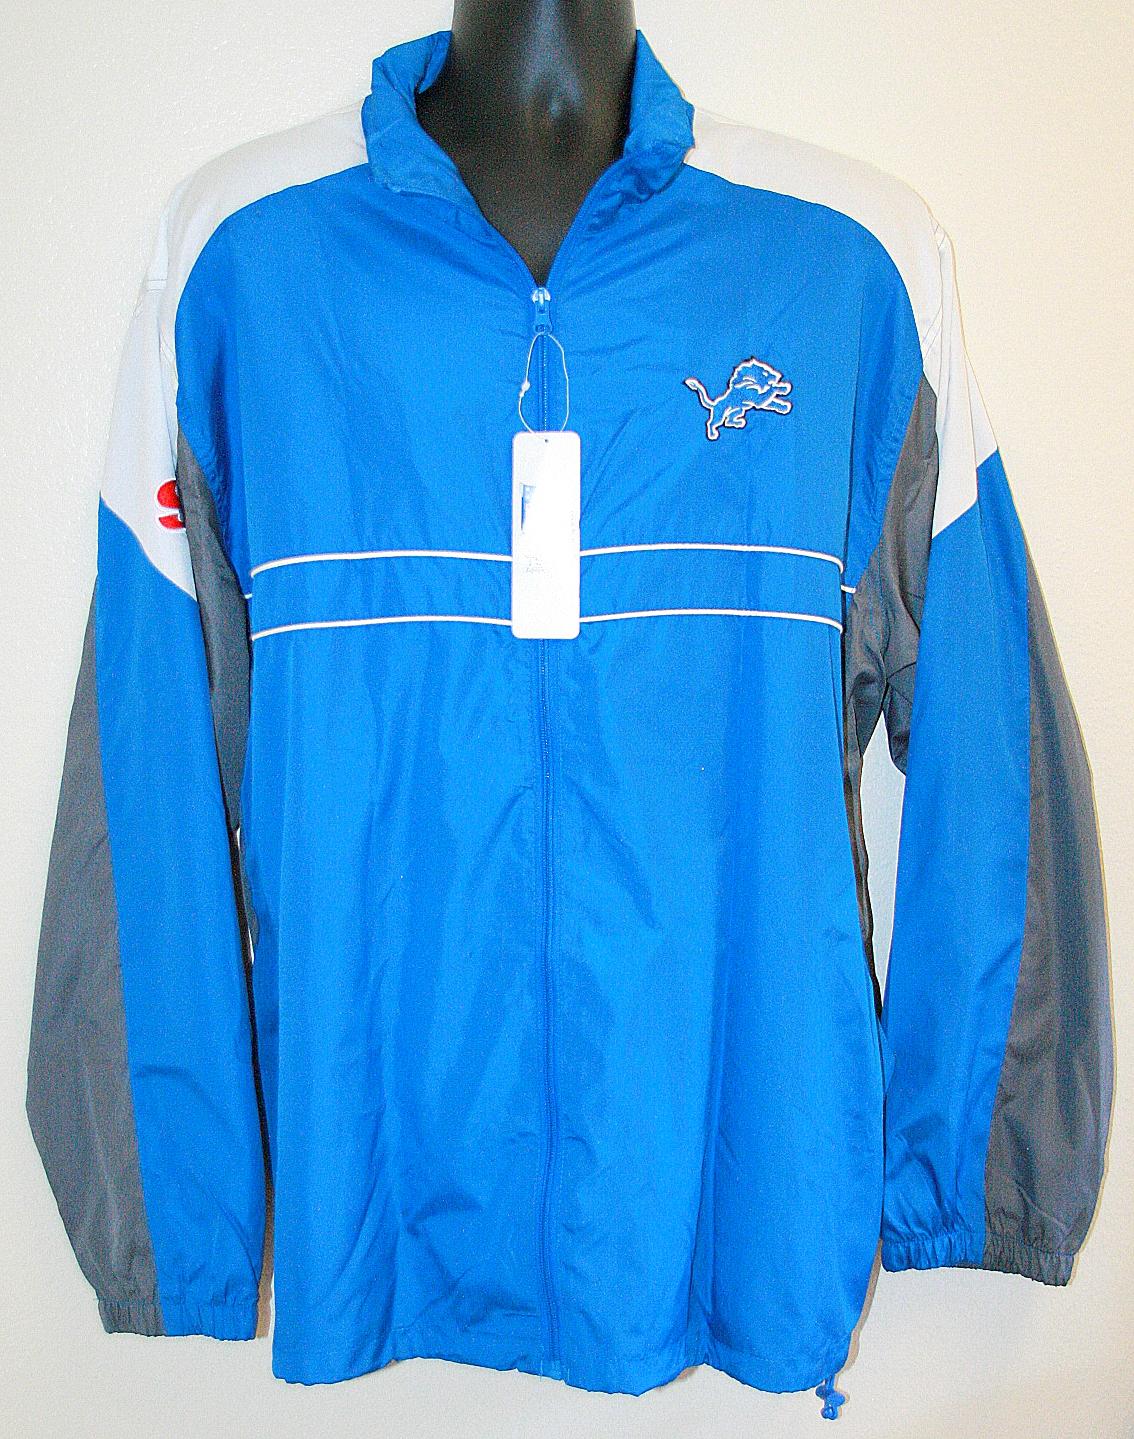 newest 90649 3c706 New NFL Detroit Lions Dunbrooke Men´s Windbreaker Jacket ...